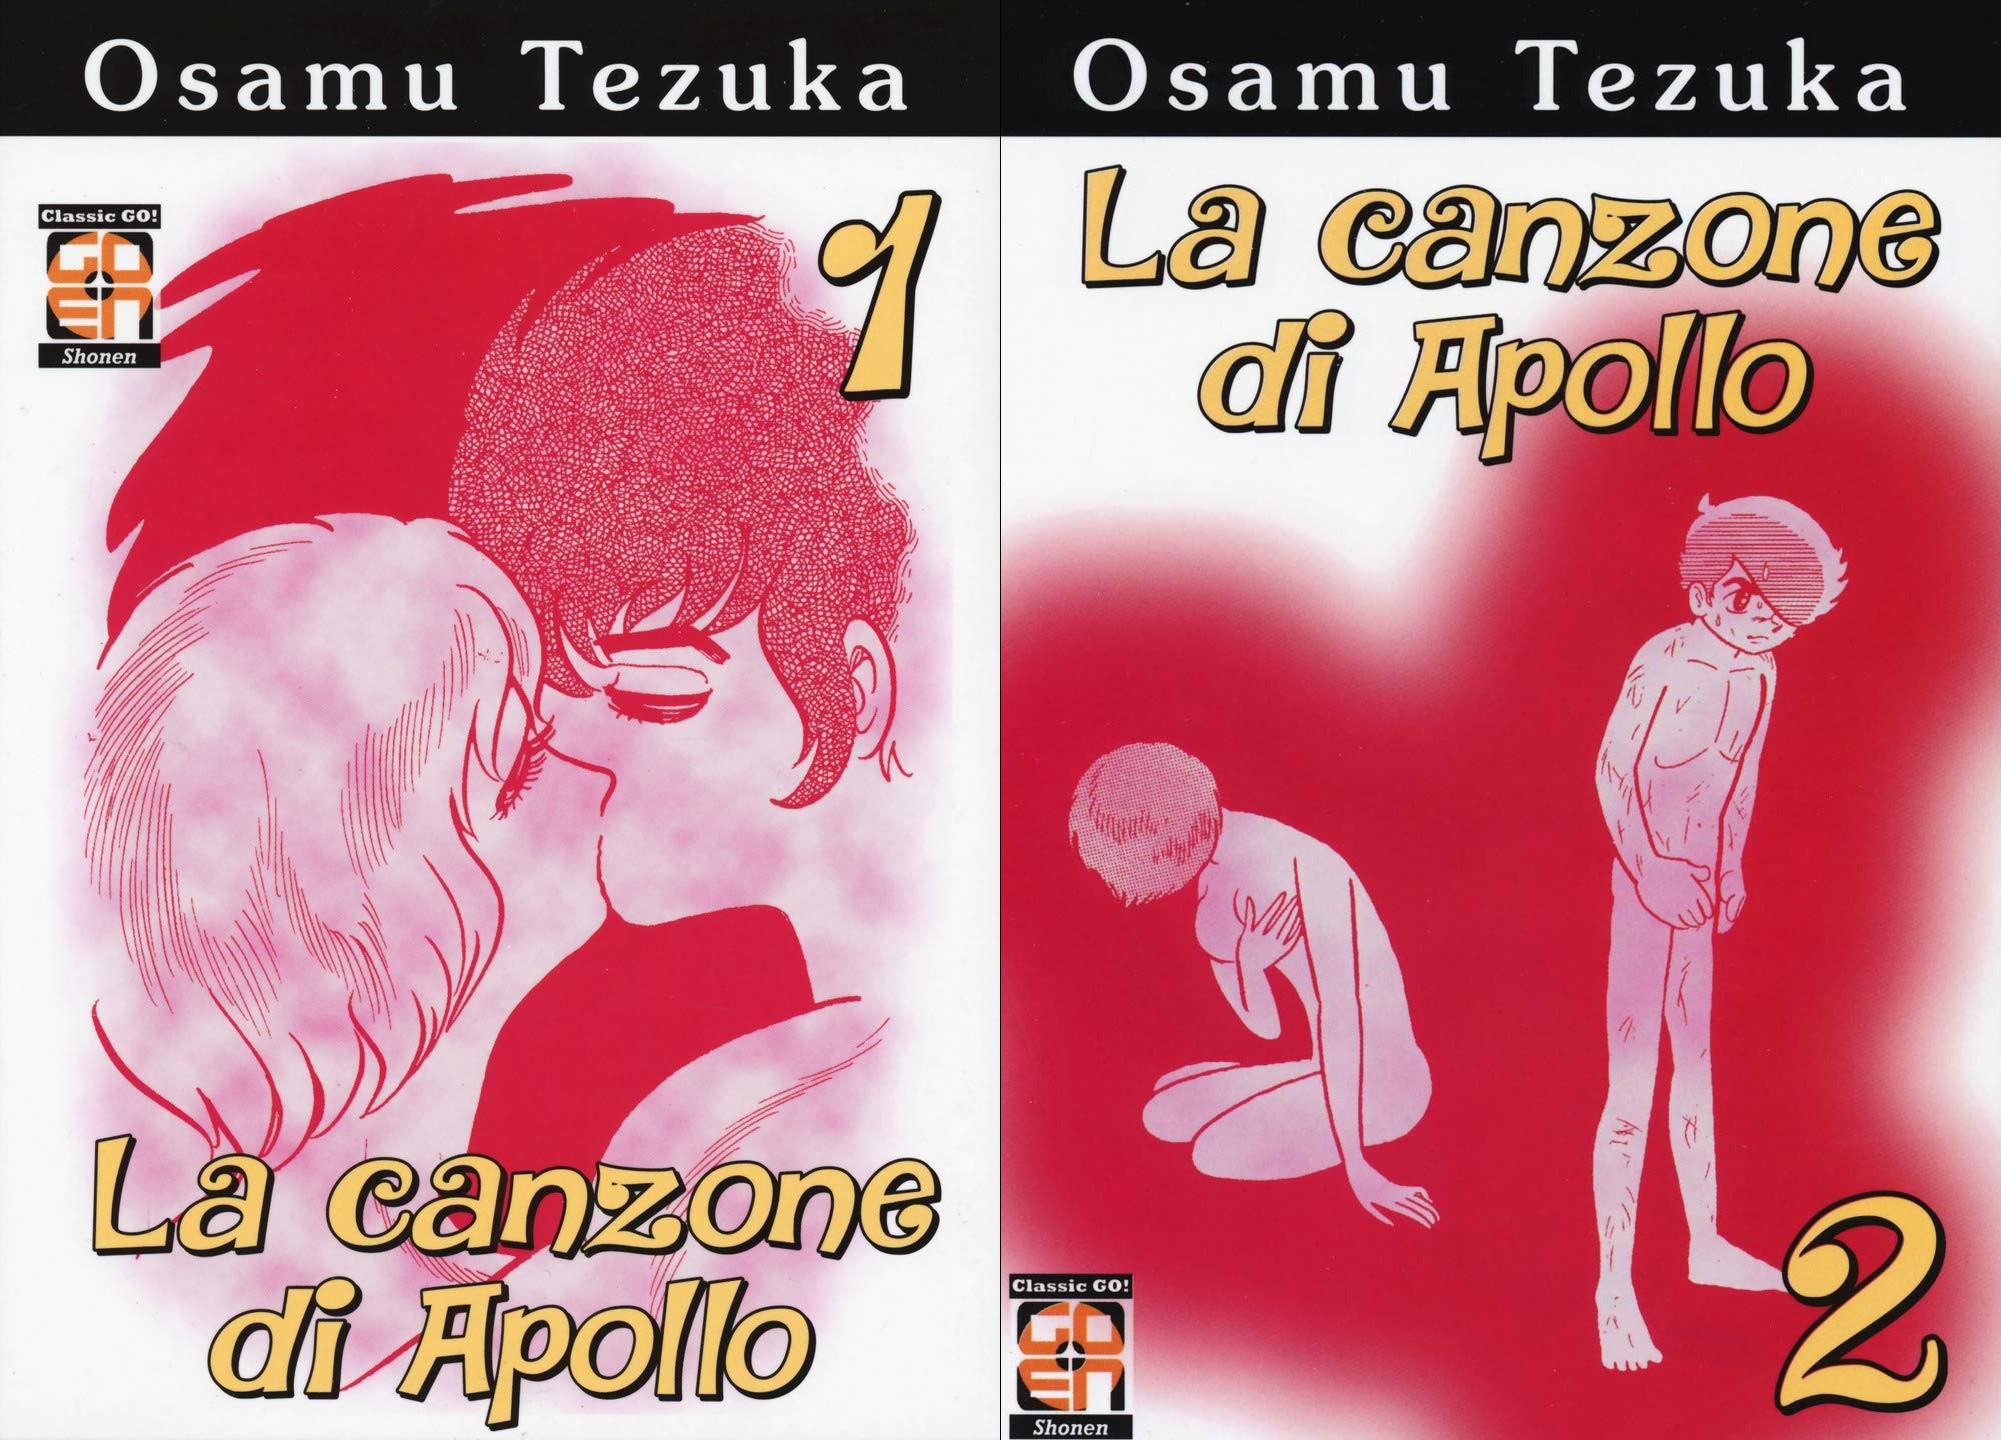 La Canzone di Apollo